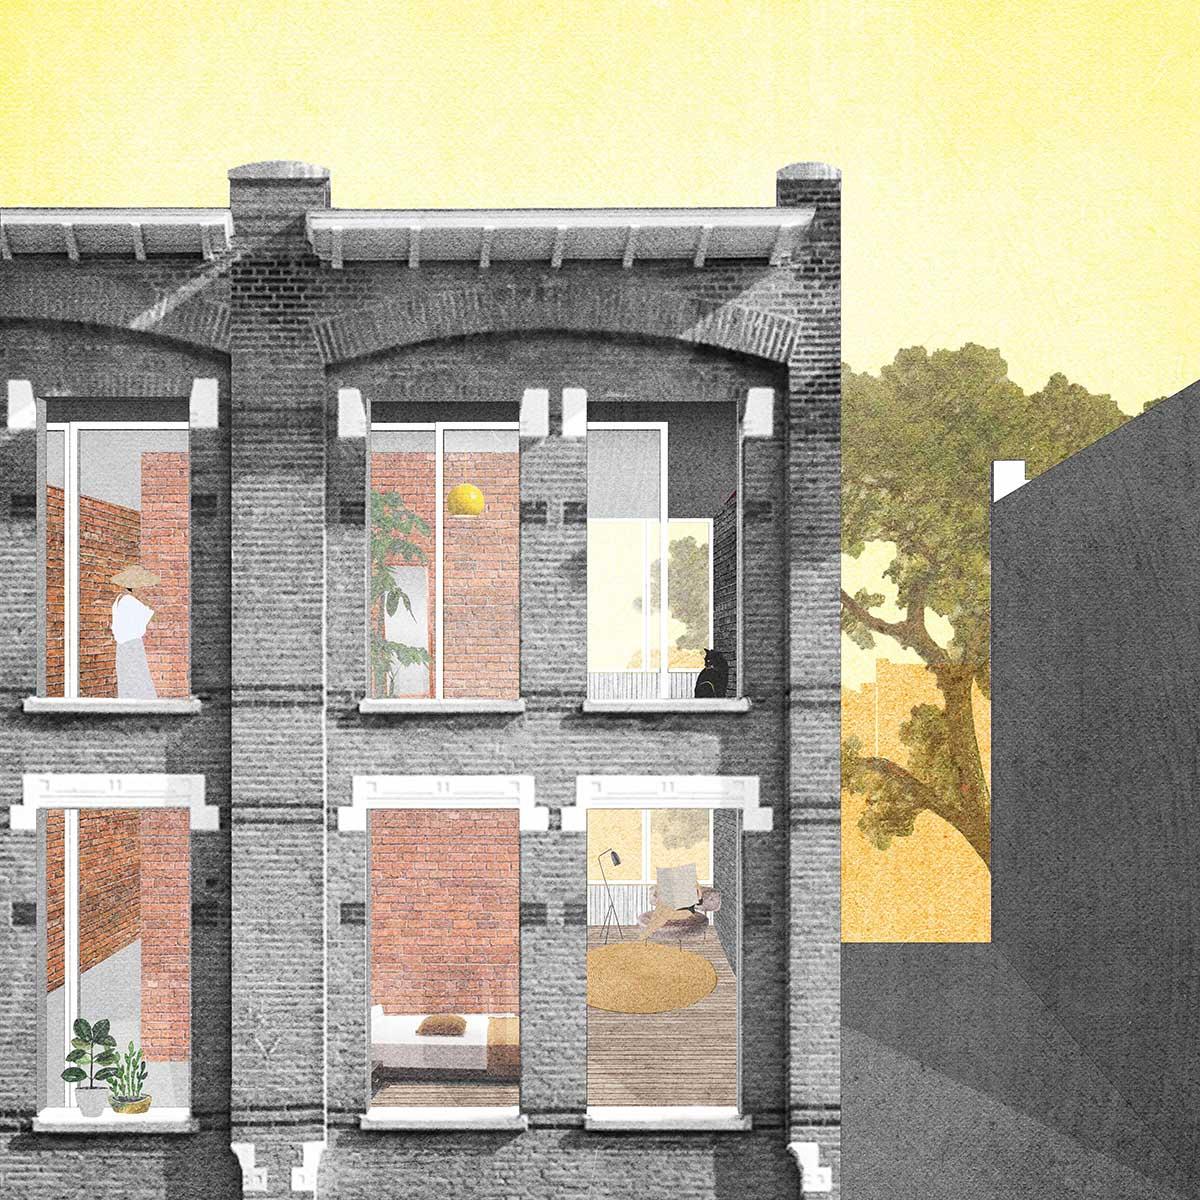 post-digital collage renovatie gevelontwerp architectuur